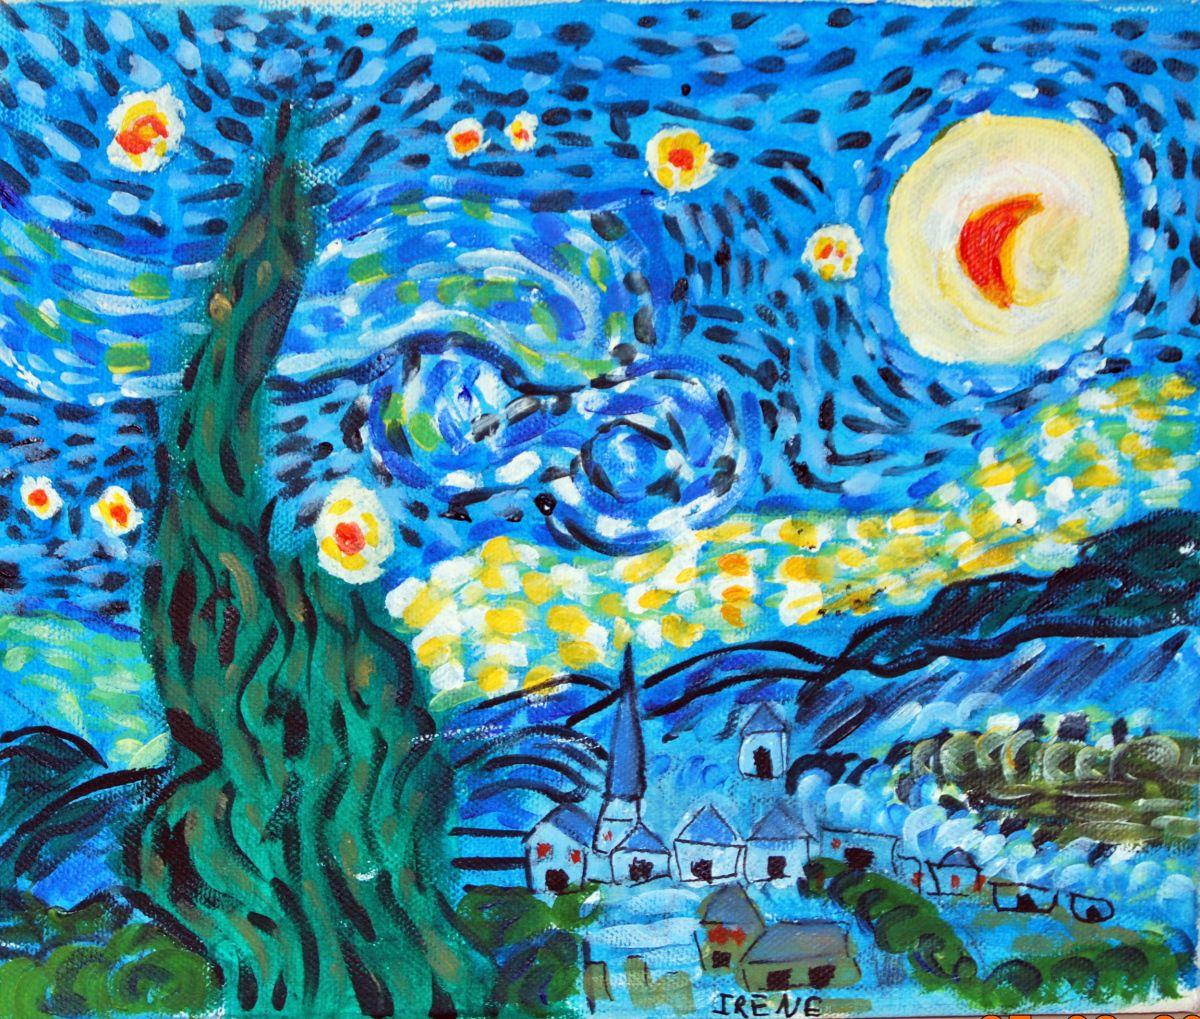 La marca Van Gogh está al alza y no por los cuadros: su